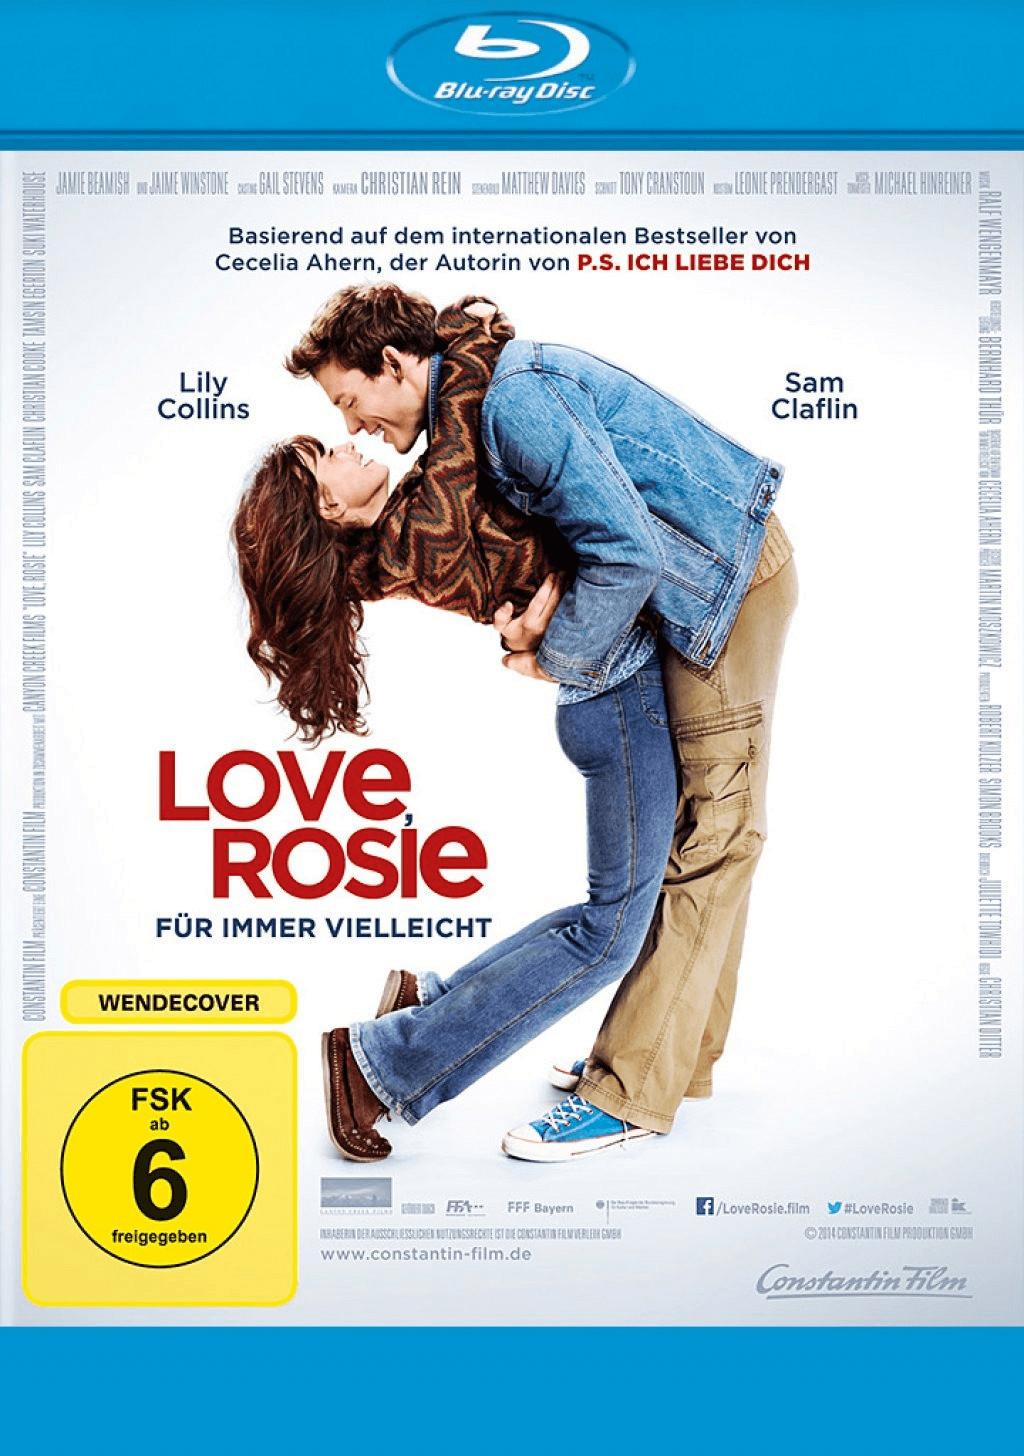 Image of Love, Rosie - Für immer vielleicht